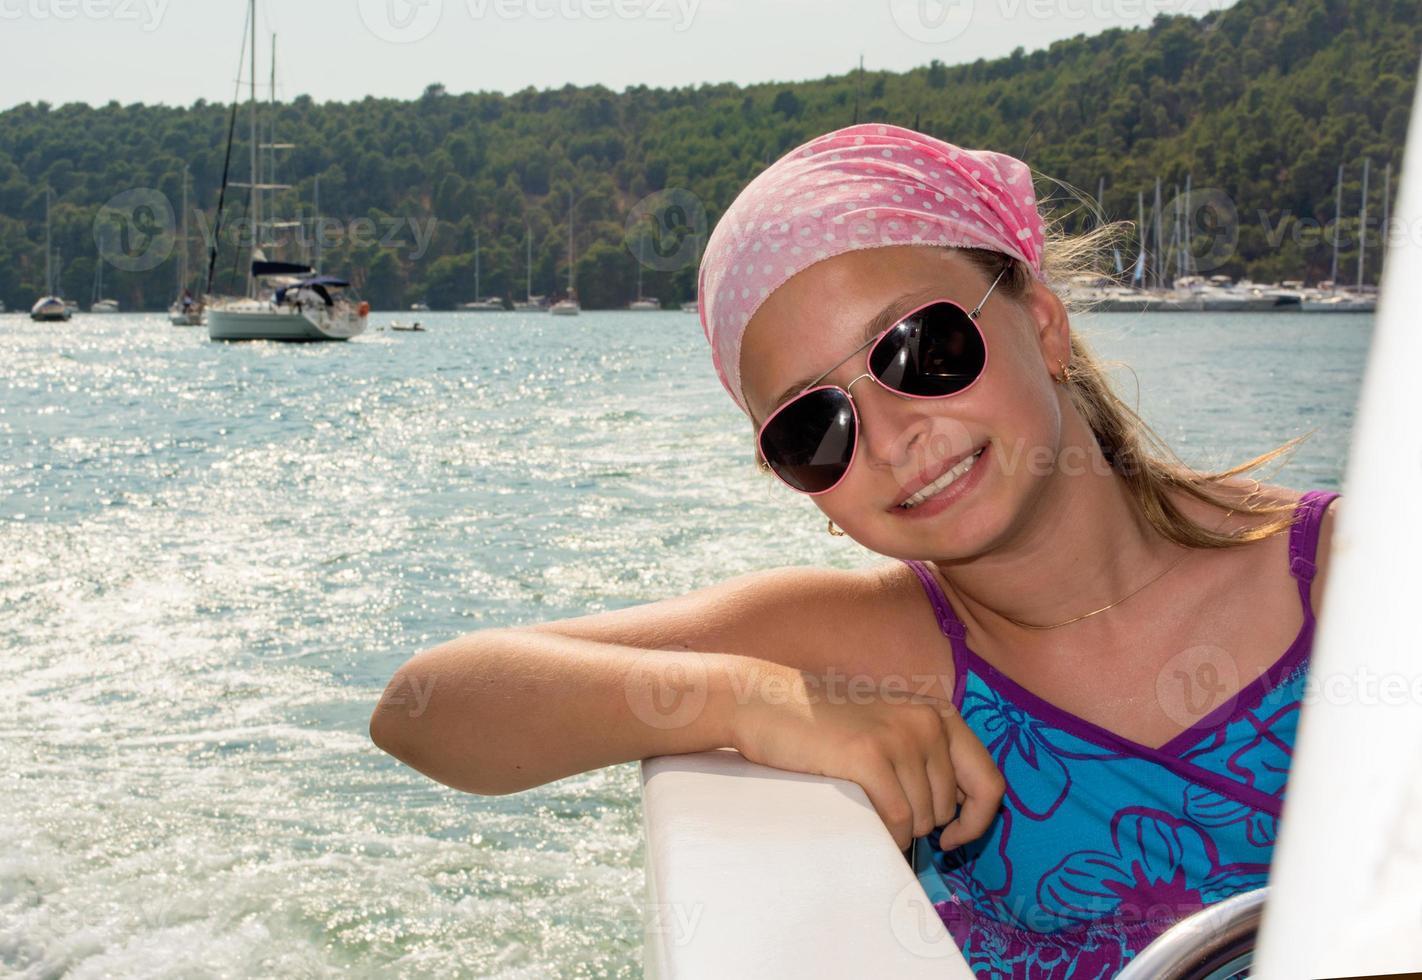 meisje genieten van zeilen op een boot foto